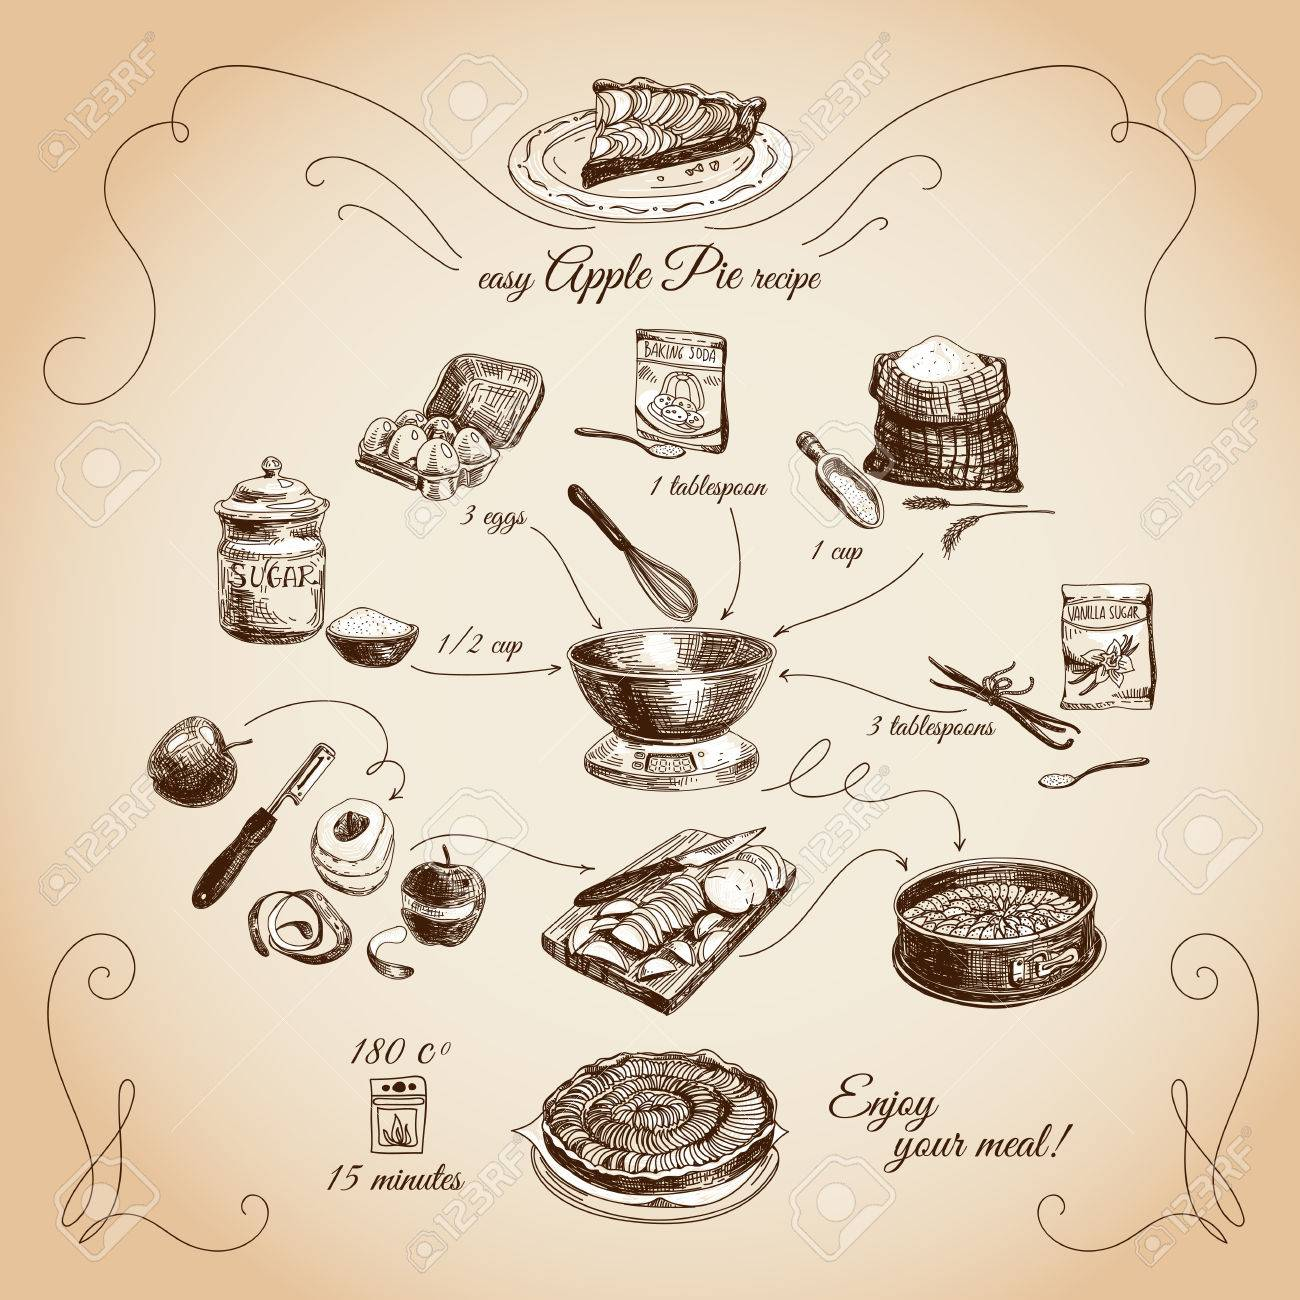 簡単アップルパイのレシピ。一歩一歩。手描きイラストを使用した